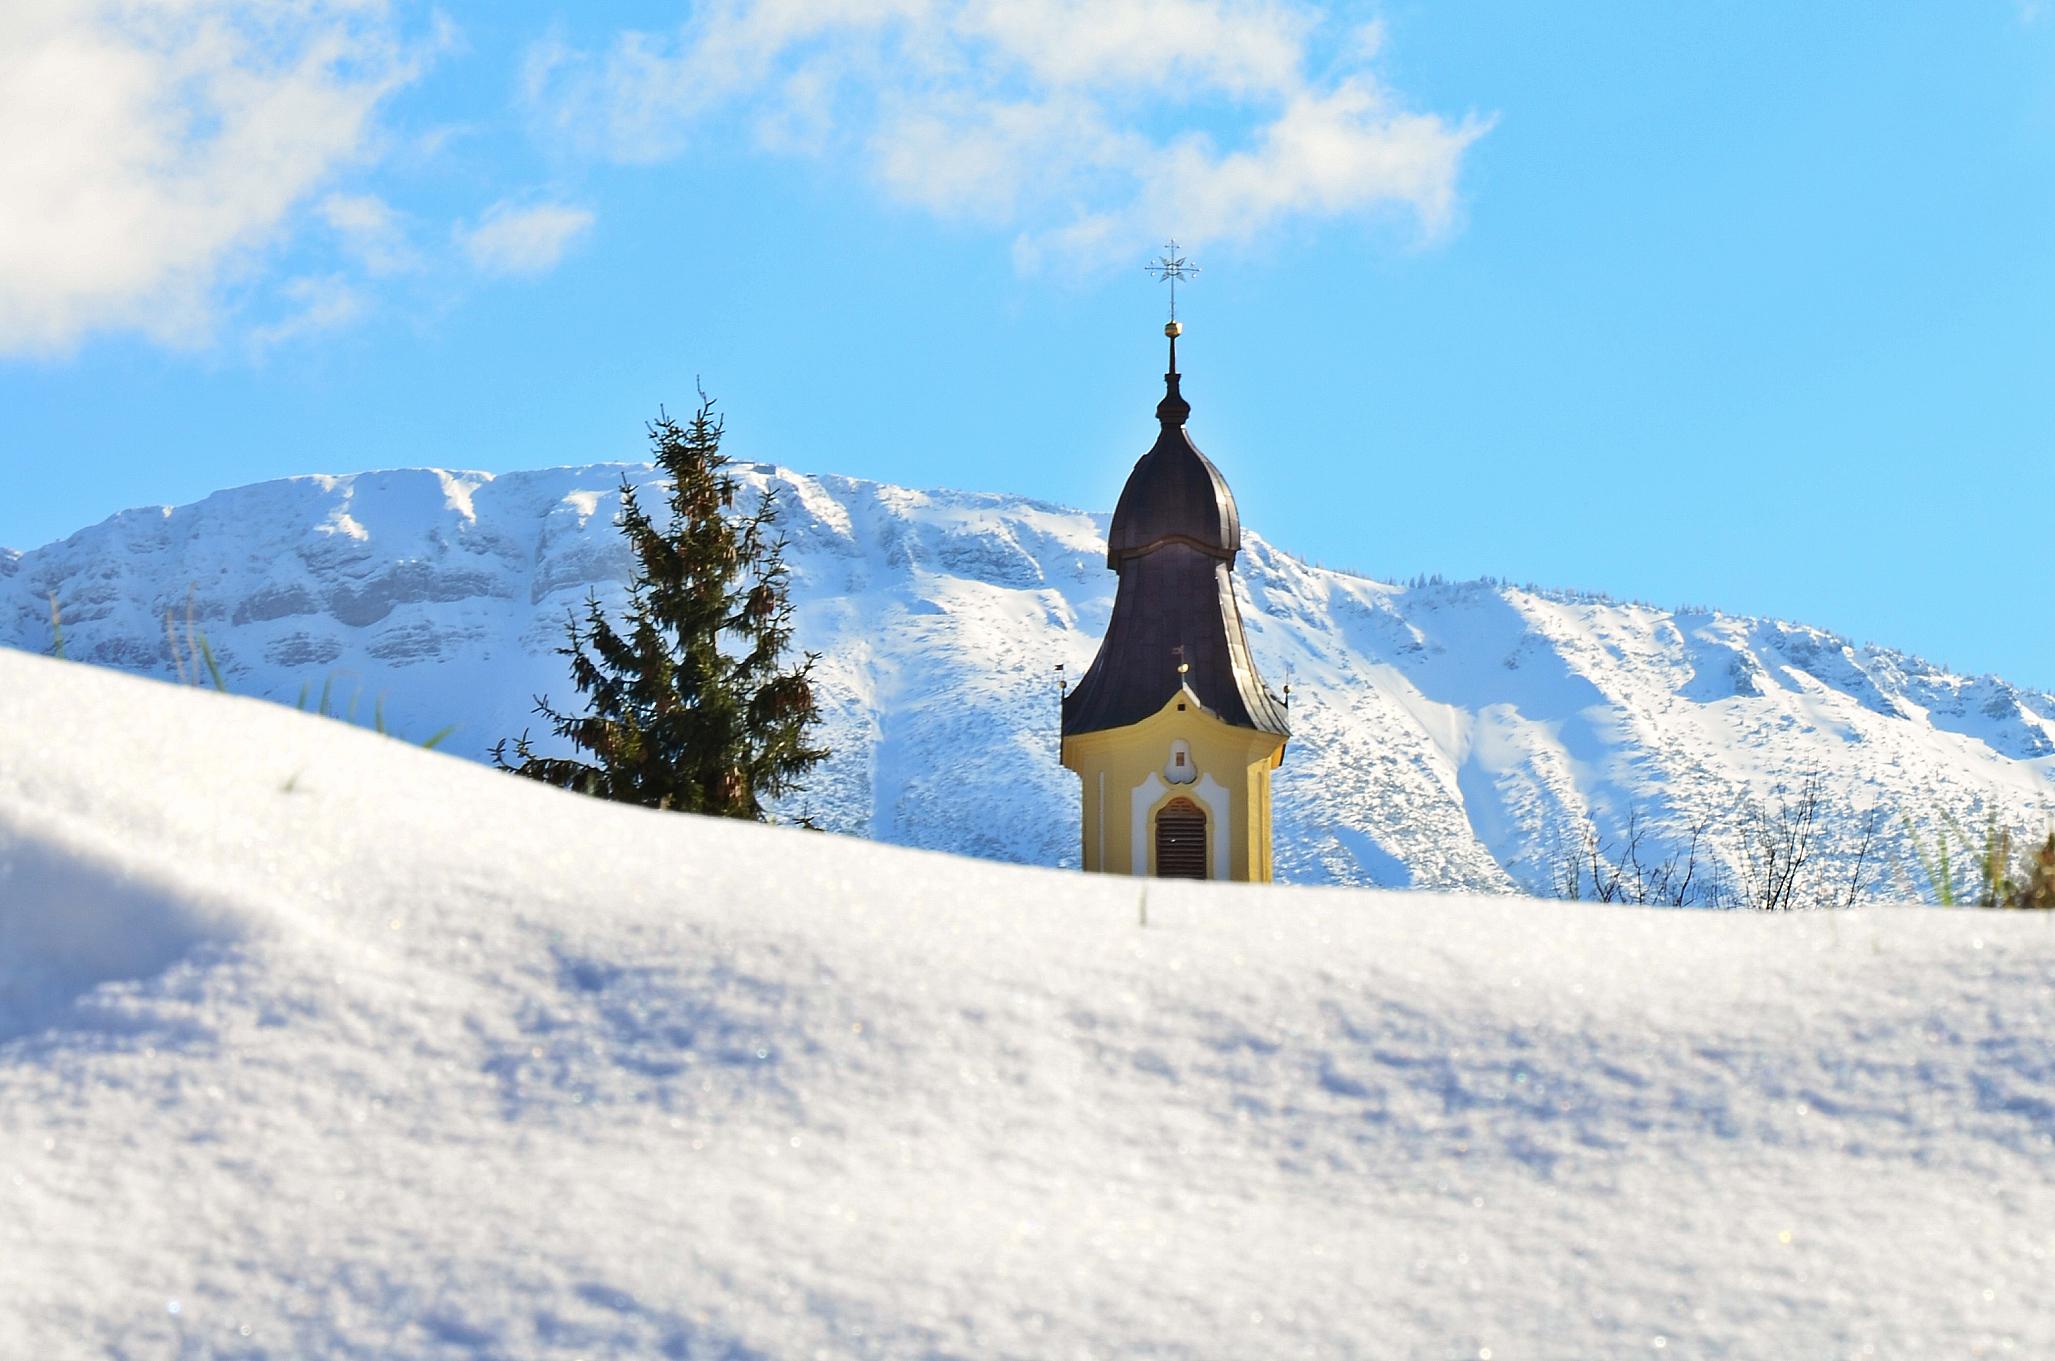 W0131 Berger Kirchturmspitze.jpg